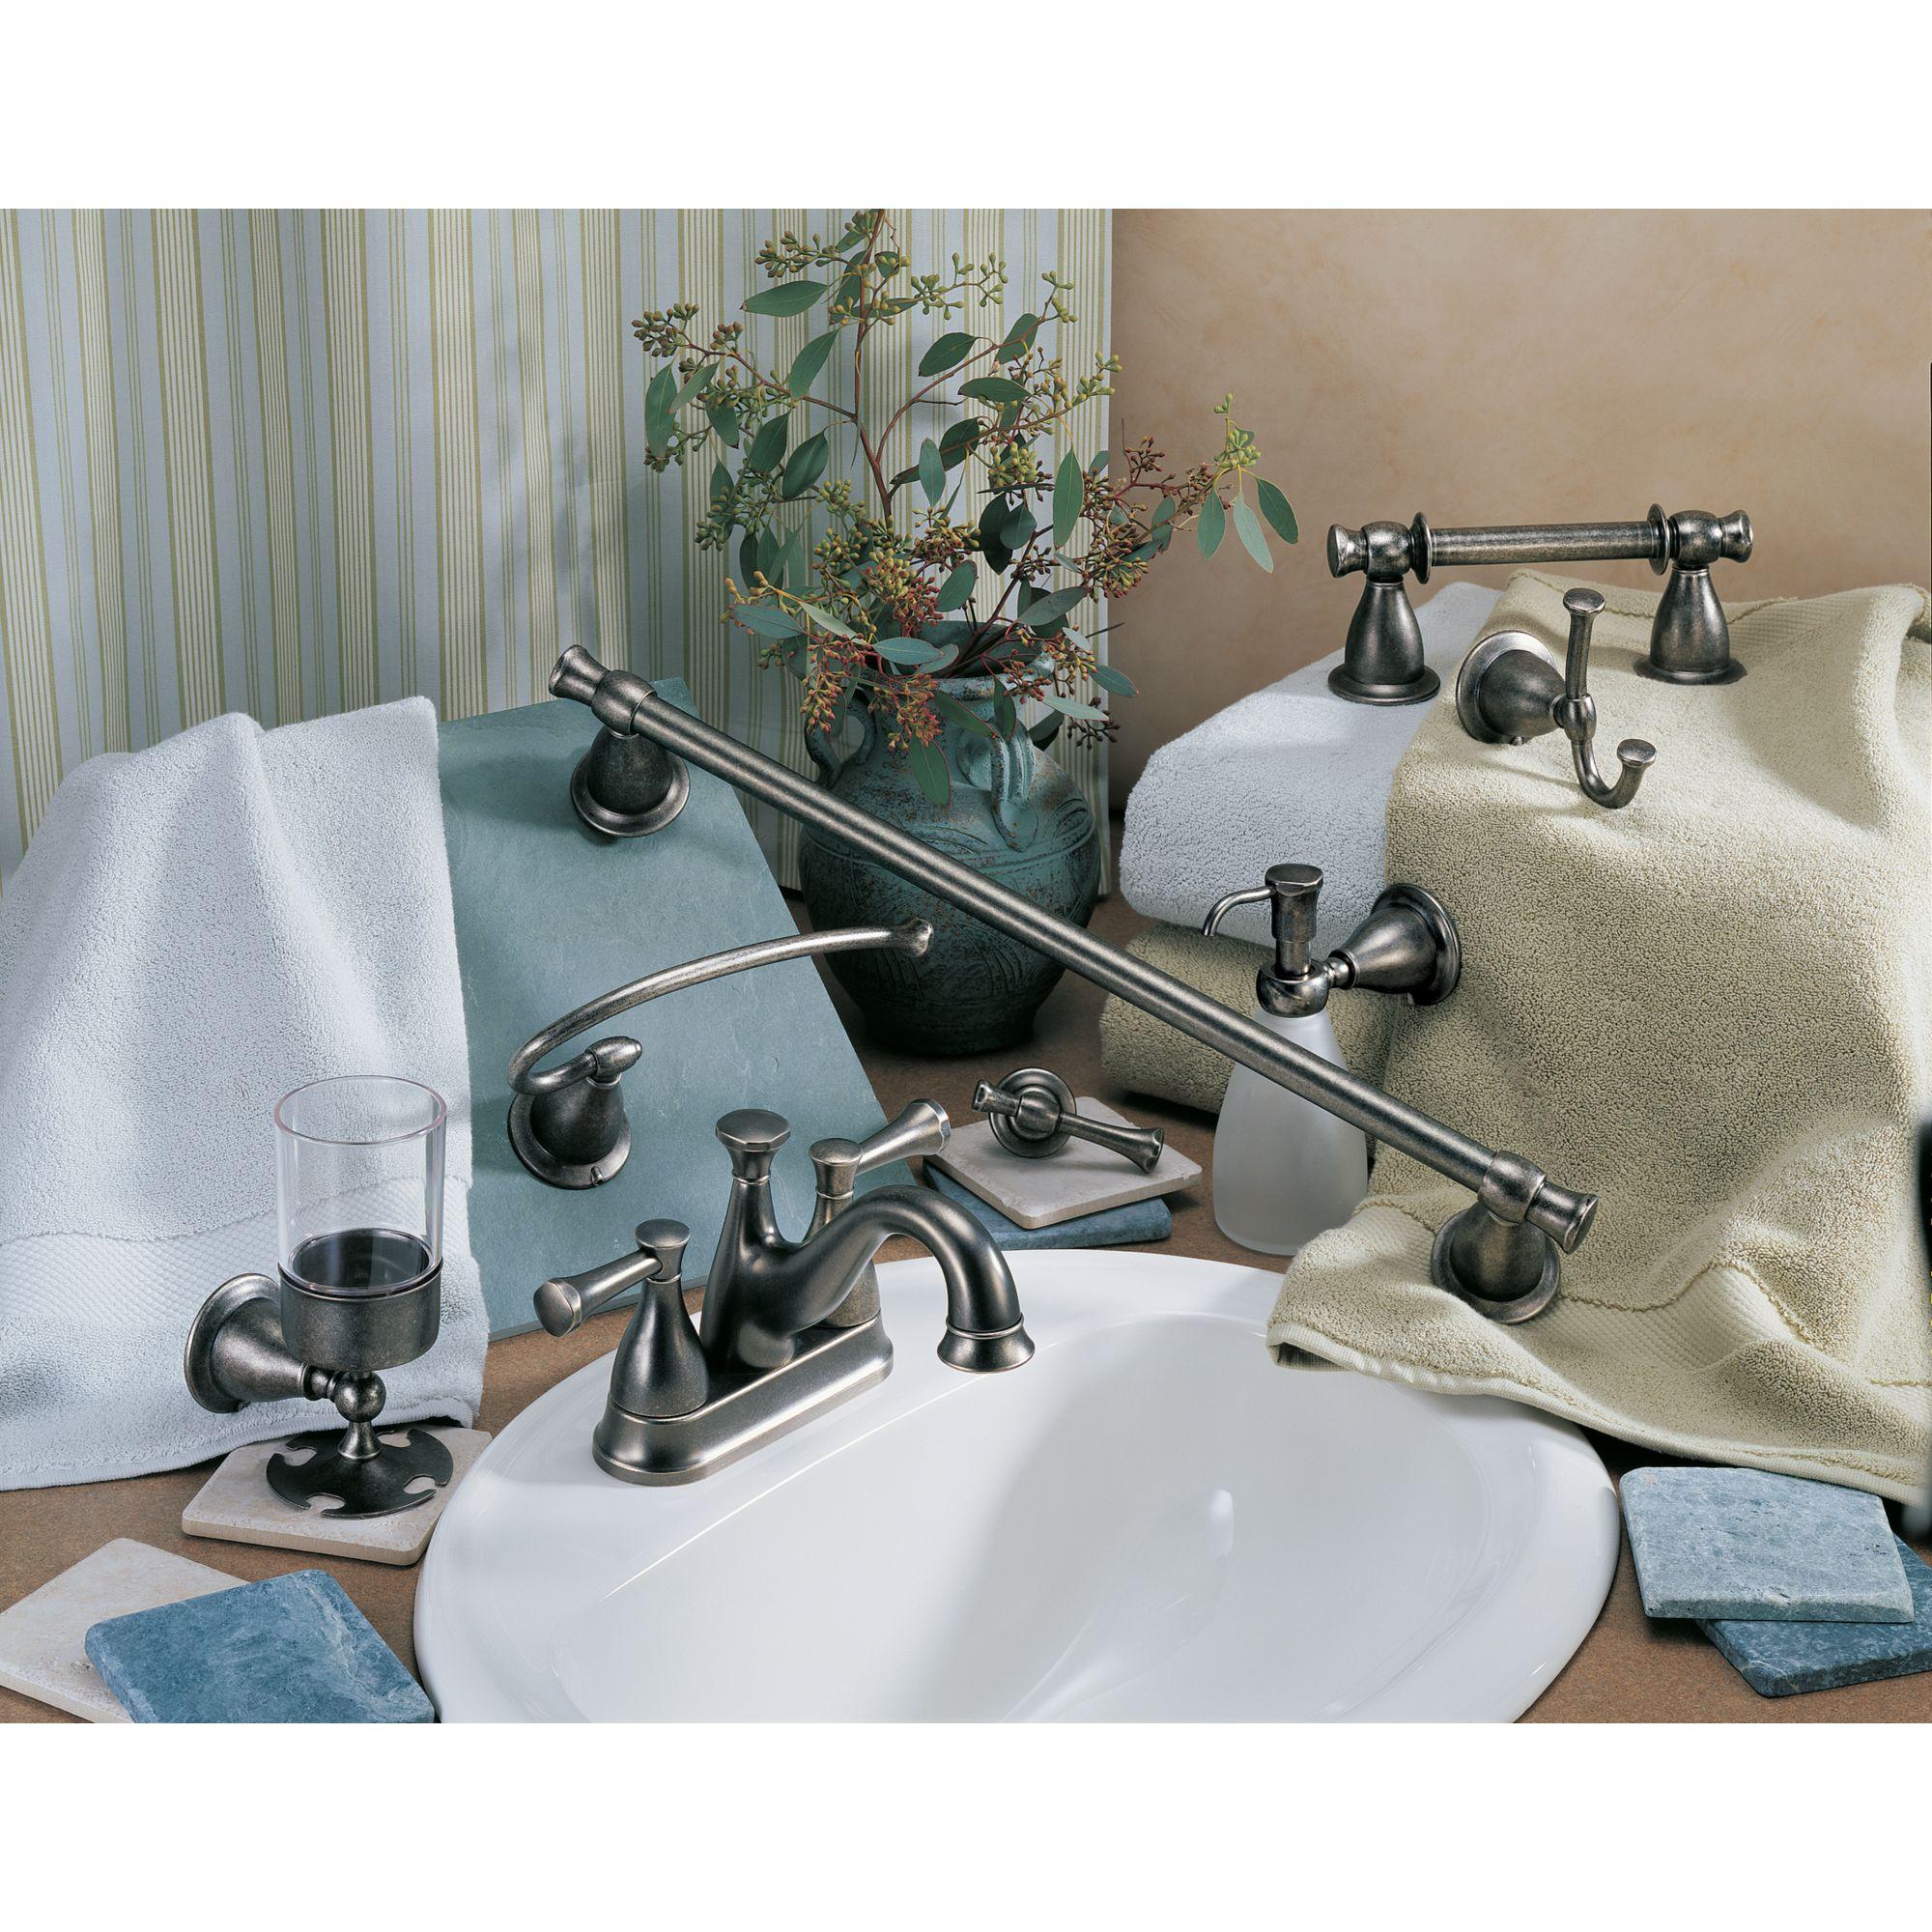 Delta Bath Accessories U0026 Matching Faucet